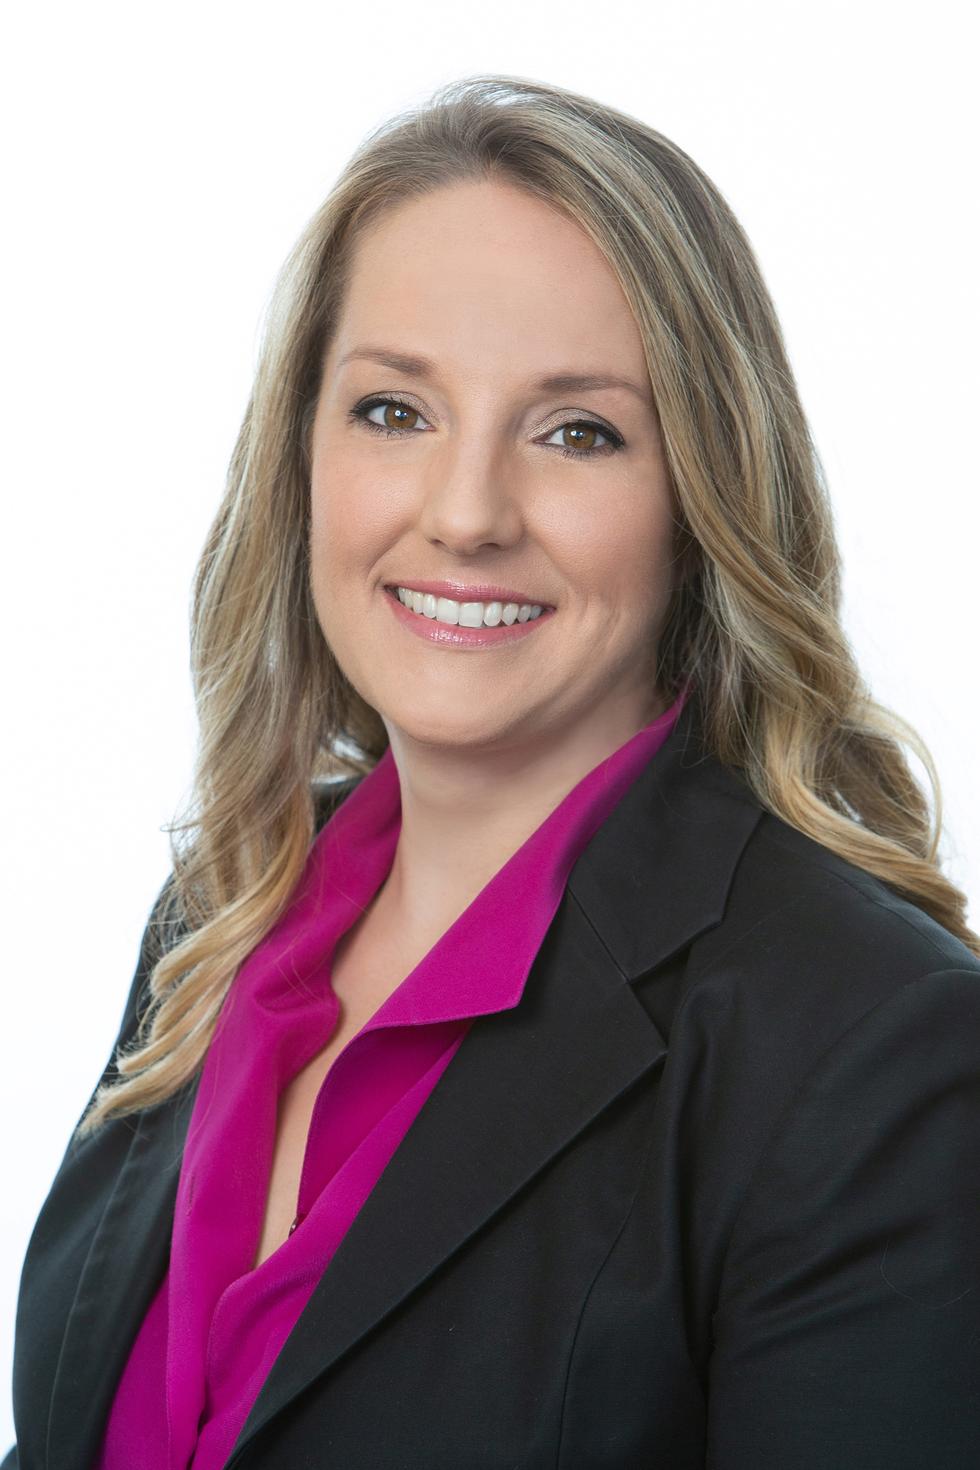 Kelsey M. Szamet